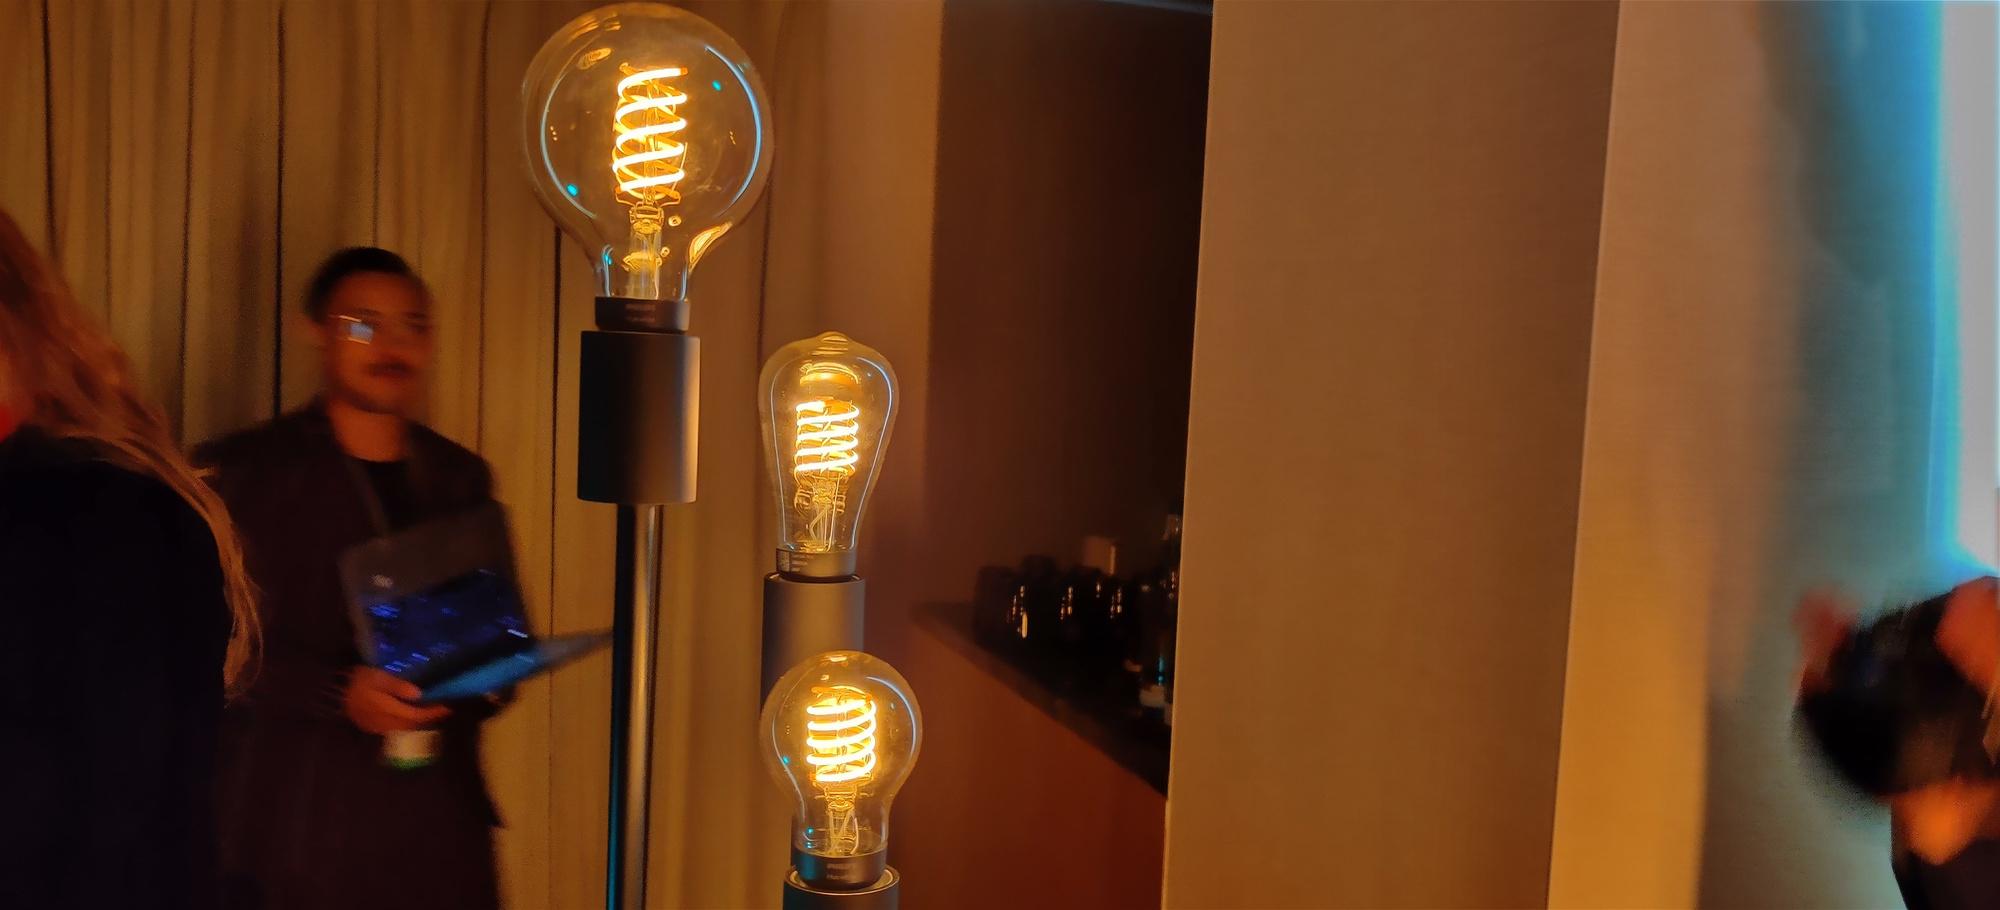 De Filament bulbs, PVL